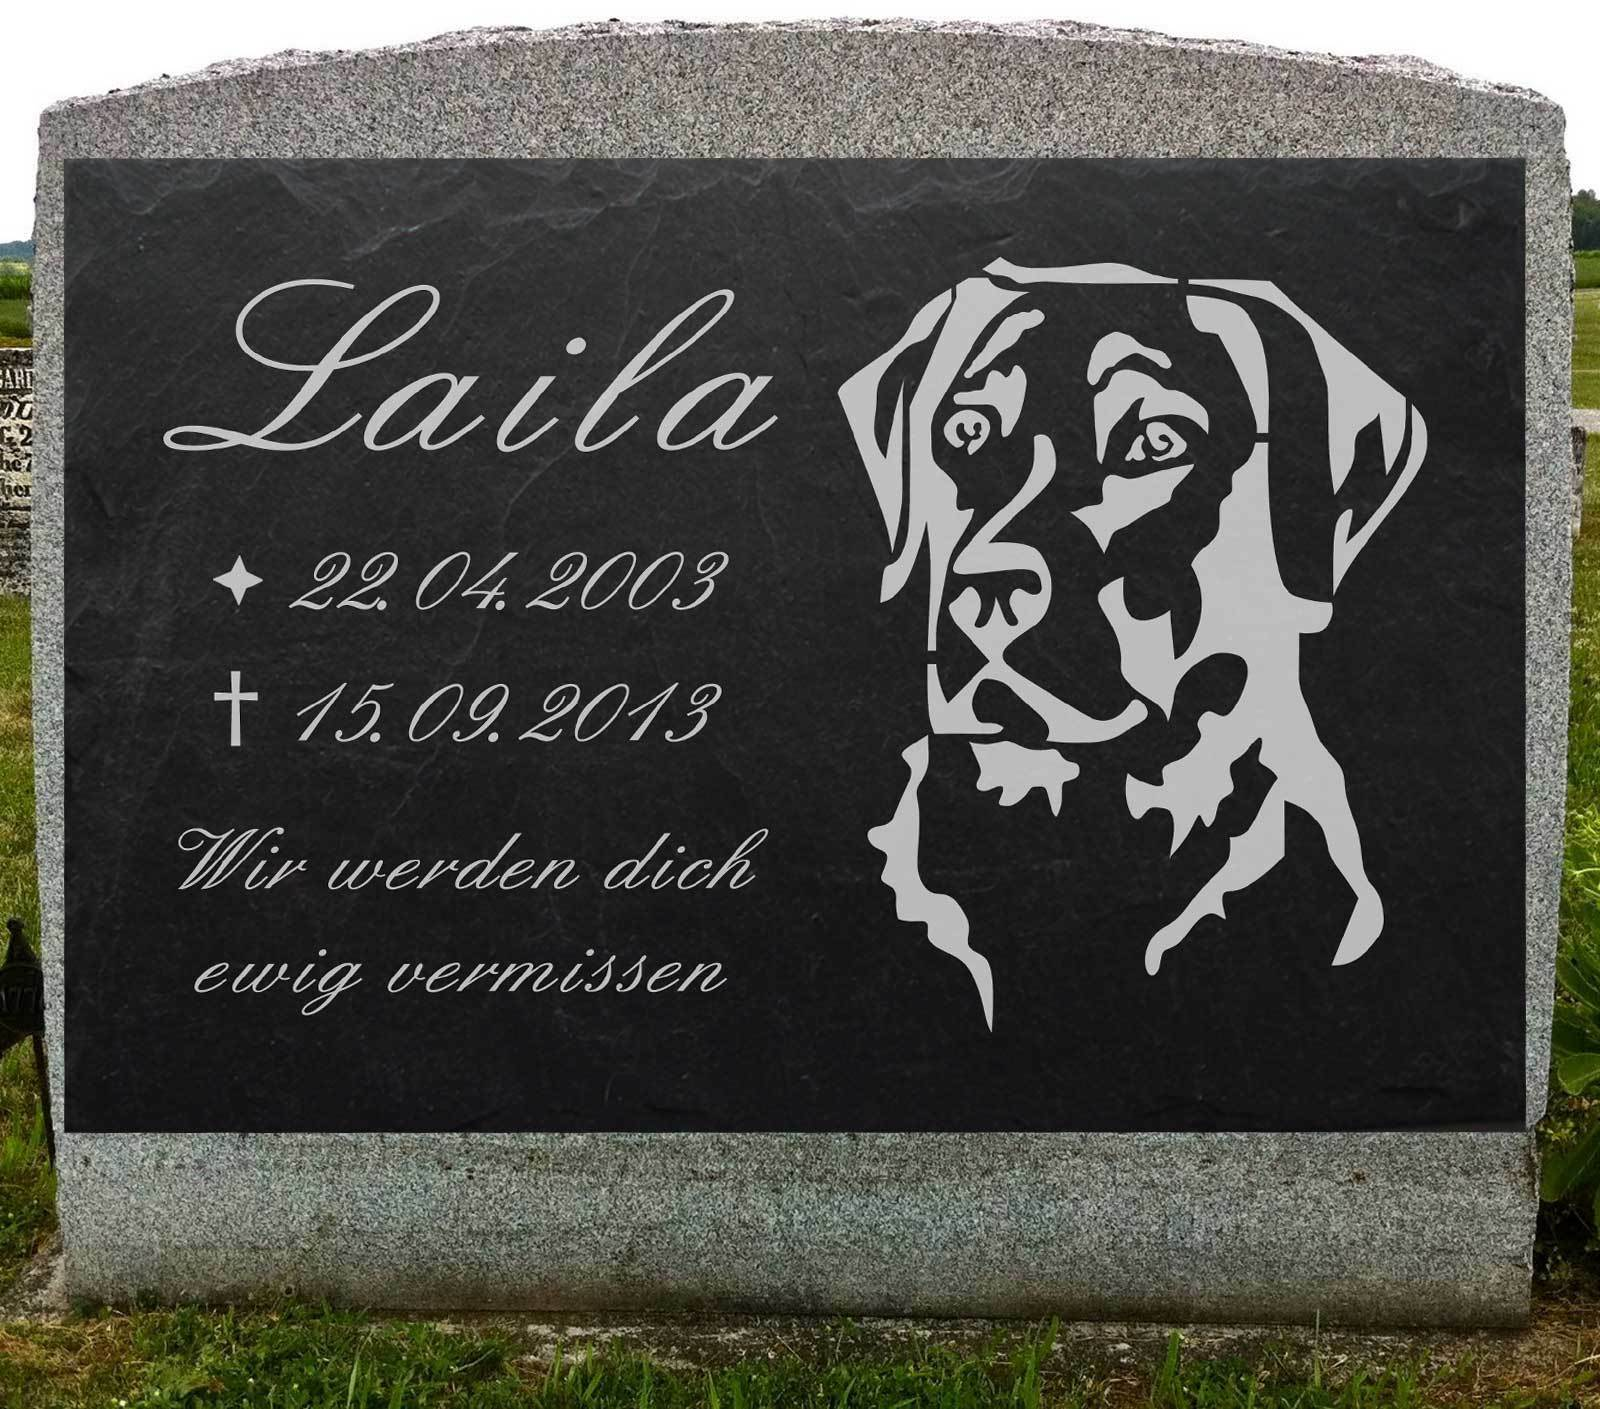 Labrador HUNDEGRABSTEIN Grabschmuck HUND-012 ► IHR TEXT ◄ Lasergravur 50 x 30 cm